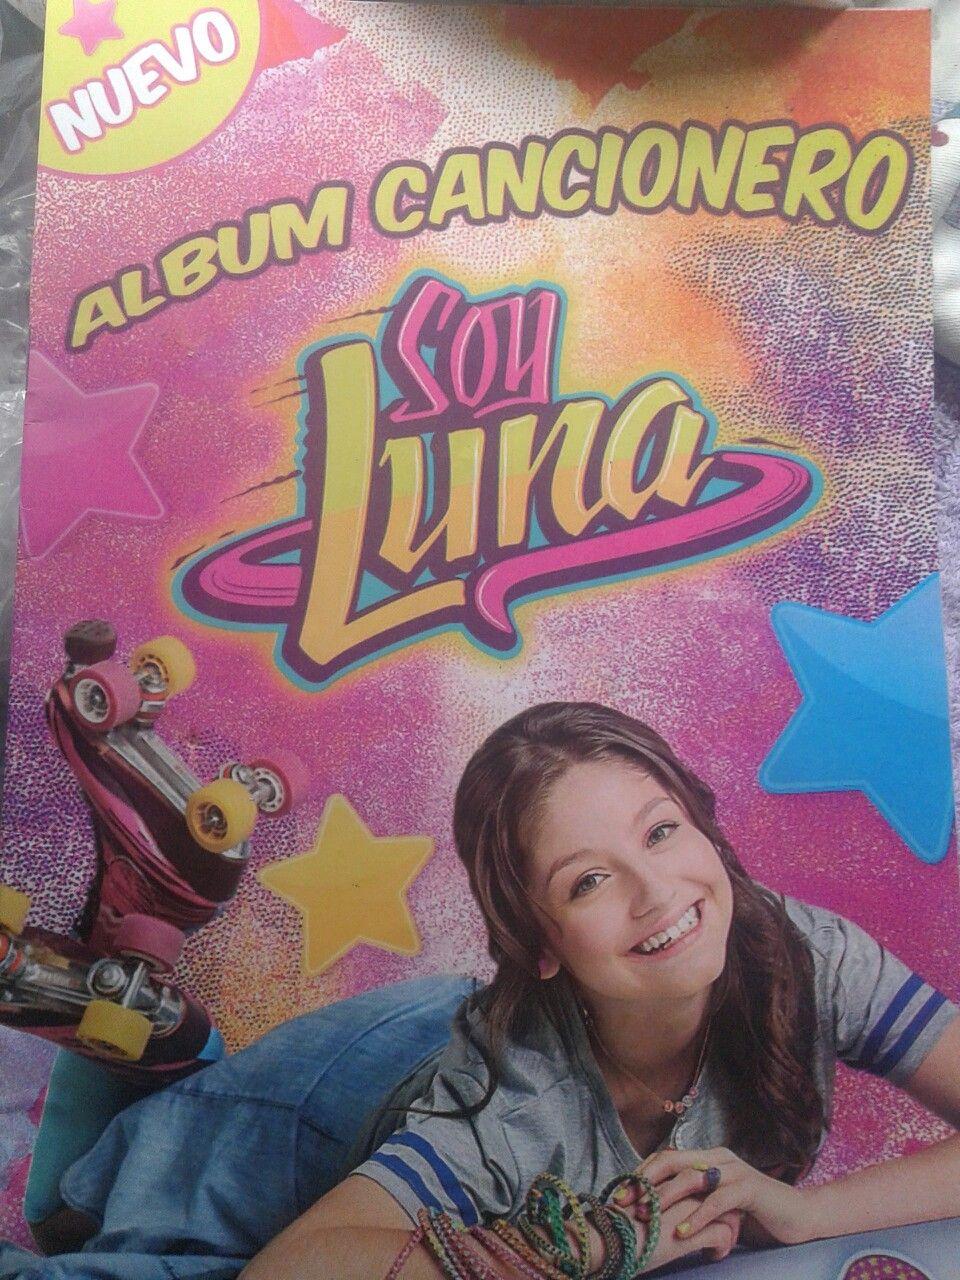 Album de soy luna ya salio en colombia ❤